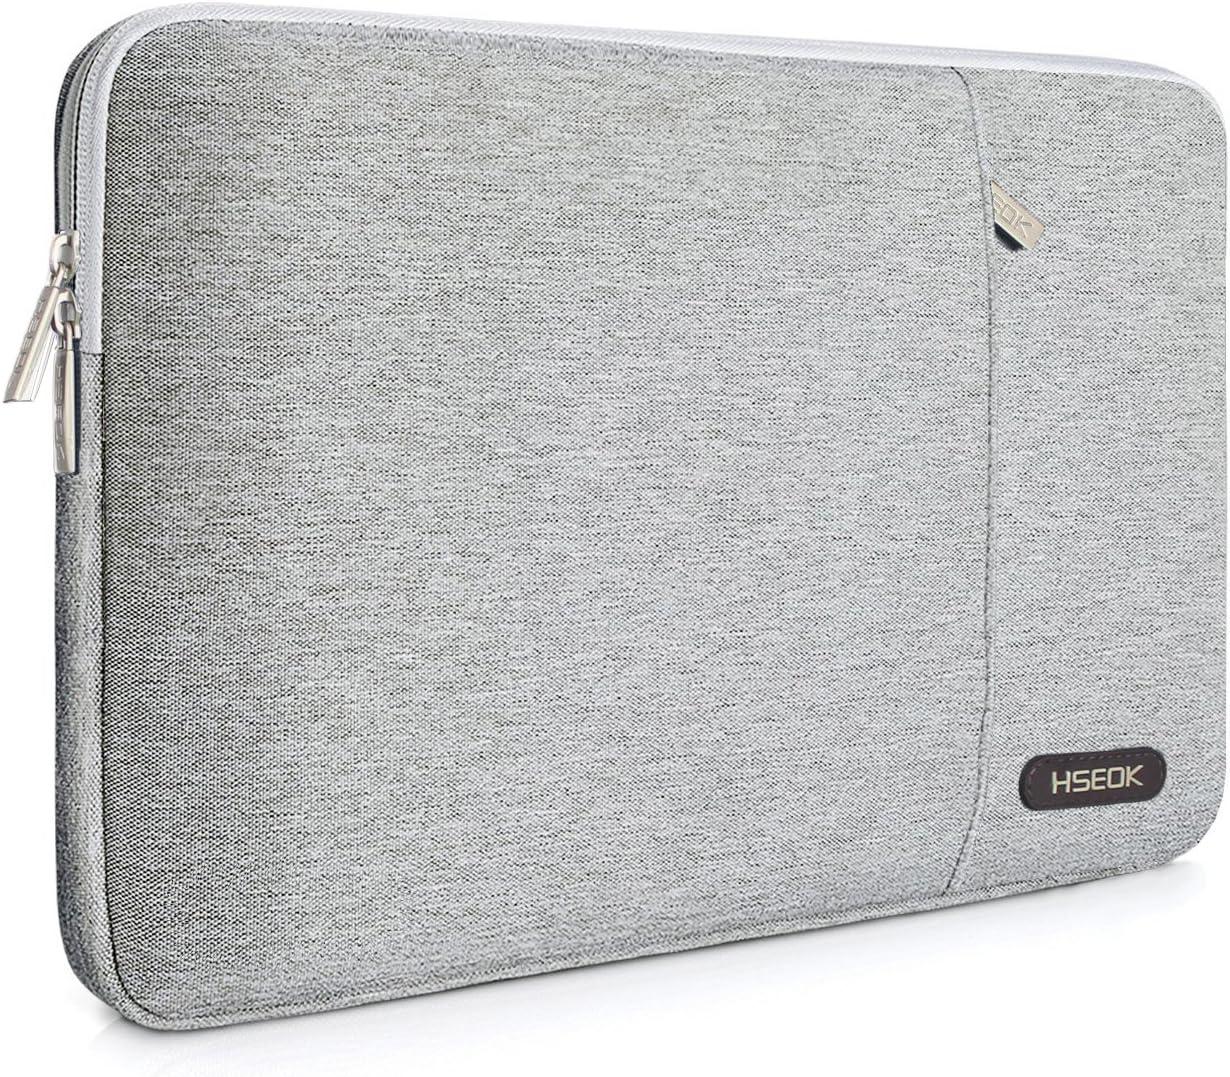 HSEOK 13-13,3 Pulgadas MacBook Air A1278/A1466/A1369 (2012-2017) Funda Protectora para Ordenadores Portátiles PC Bolsa para la mayoría de Las Laptop de 13-14 Pulgadas Notebook, Gris